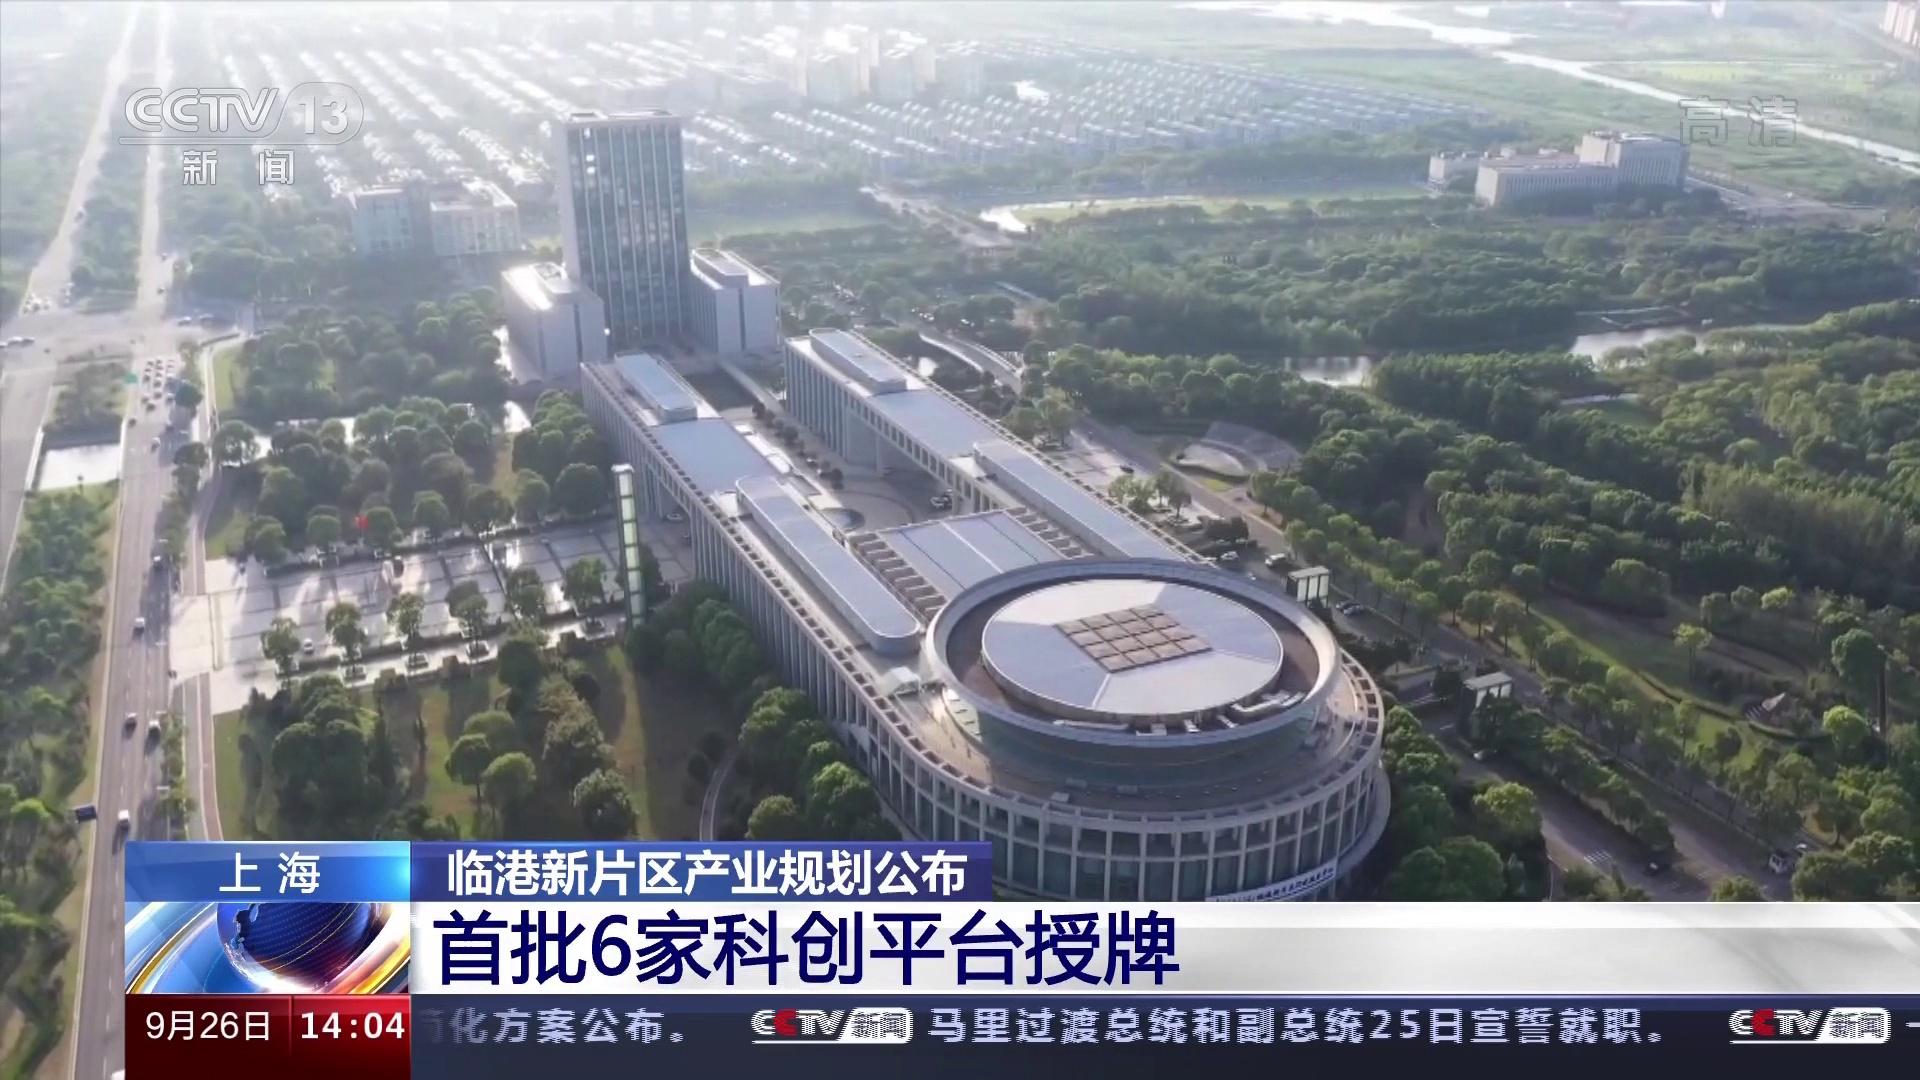 上海自贸新片区6家首批科创平台授牌 预计5年或将收入超300亿元图片